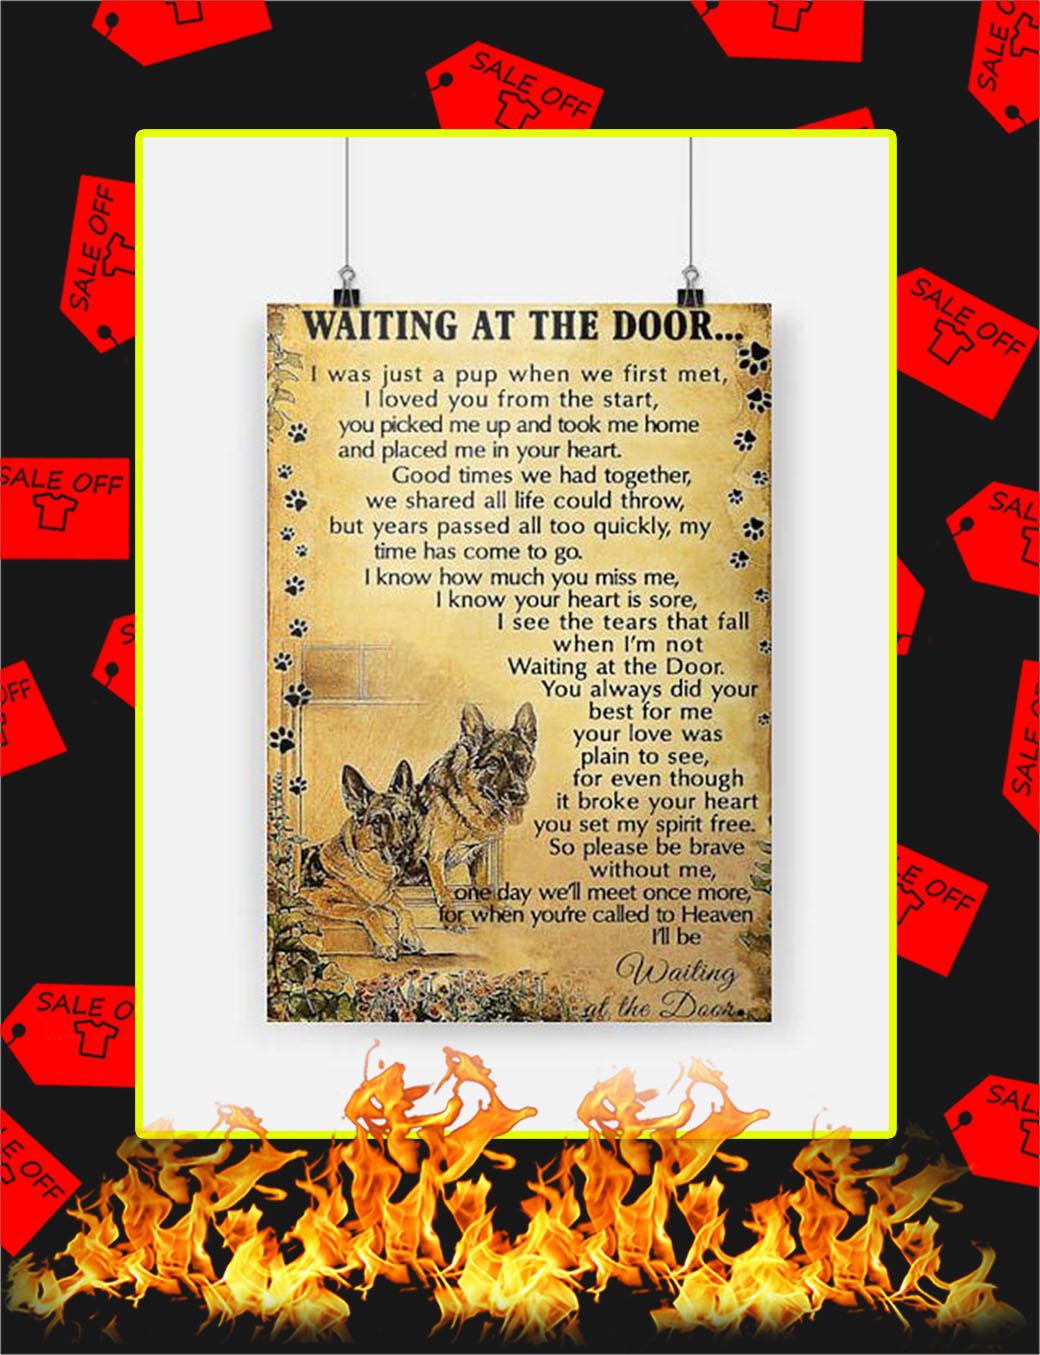 German Shepherd Waiting At The Door Poster - A3